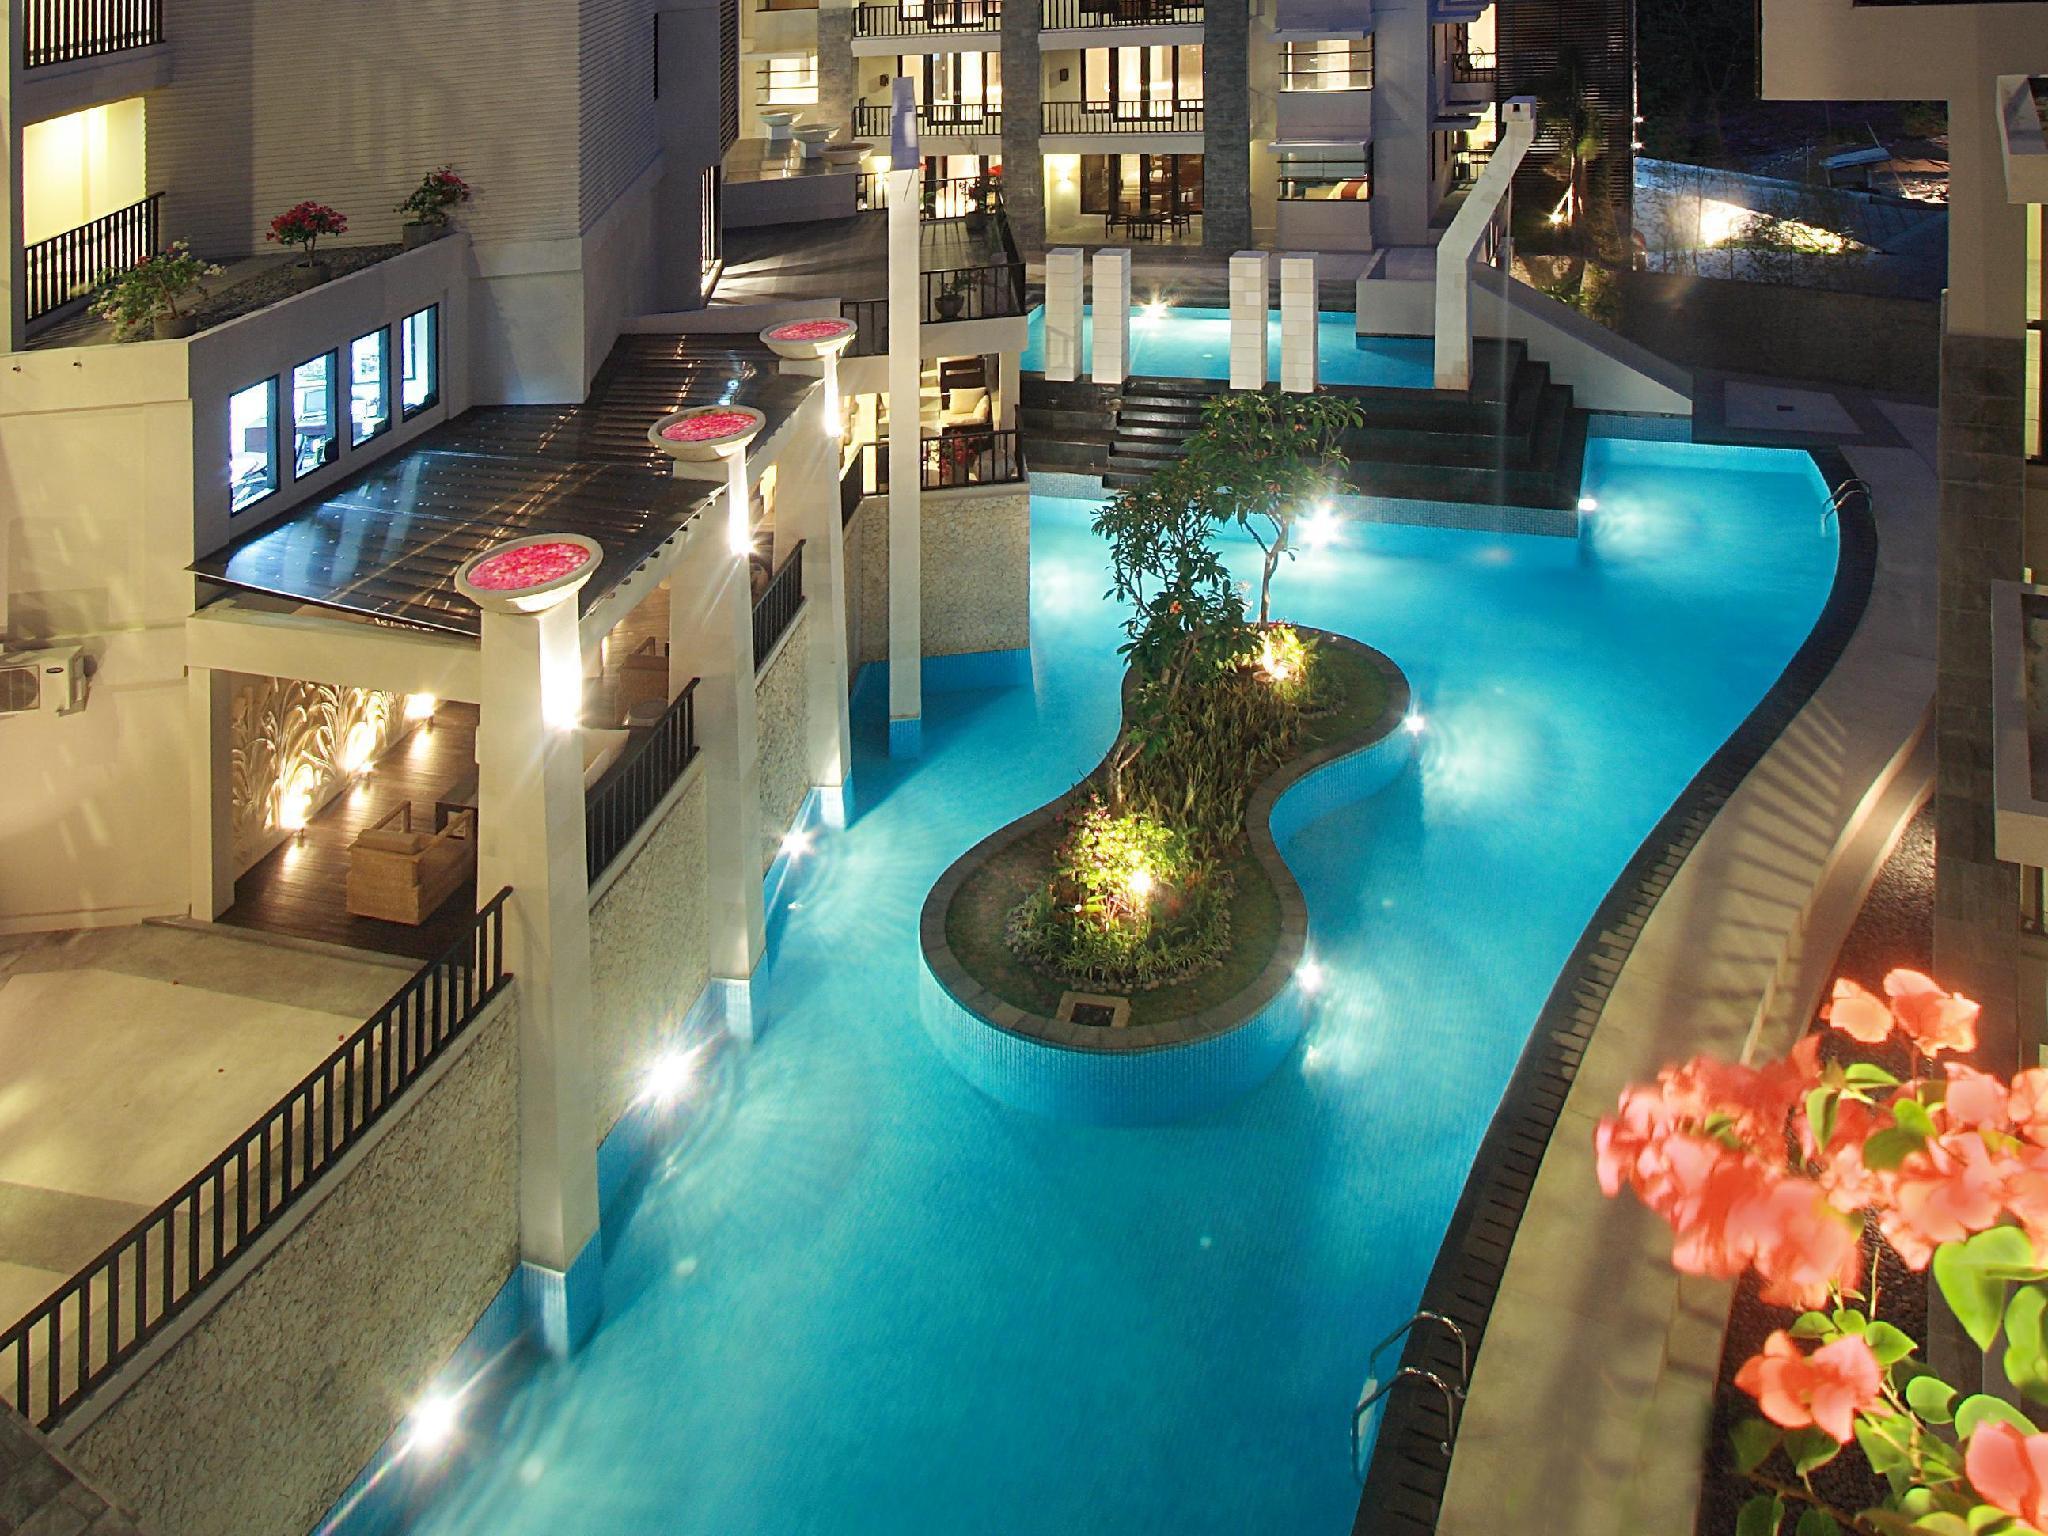 The Bali Bay View Suites & Villas